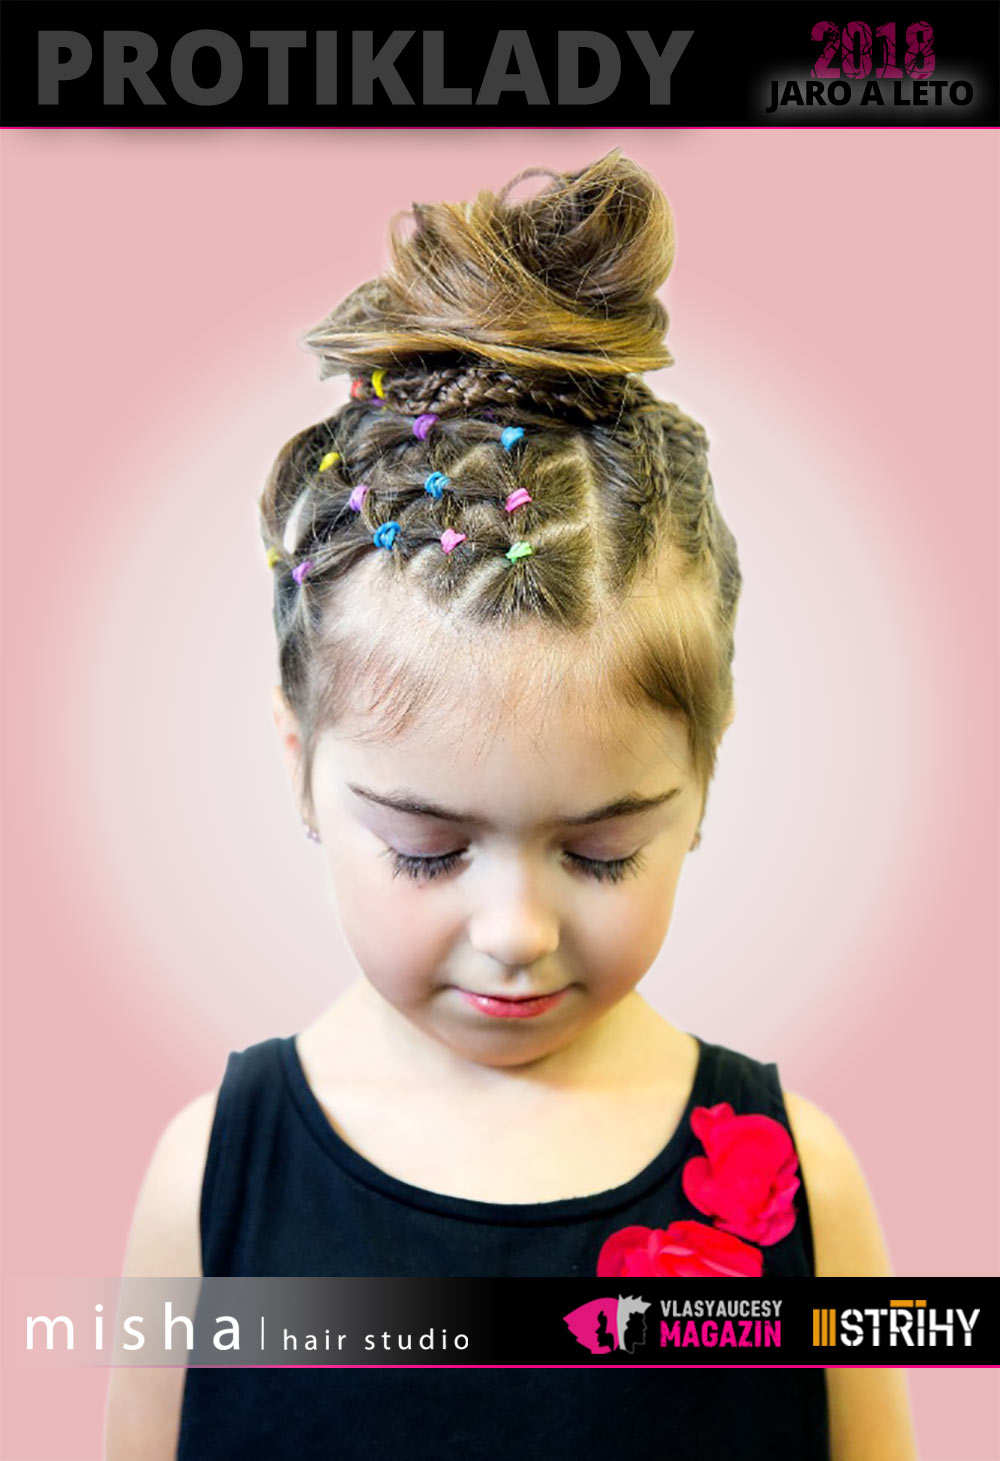 Dívčí účes 2018 z kolekce Protiklady Misha/hair Studio zdobený barevnými gumičkami.